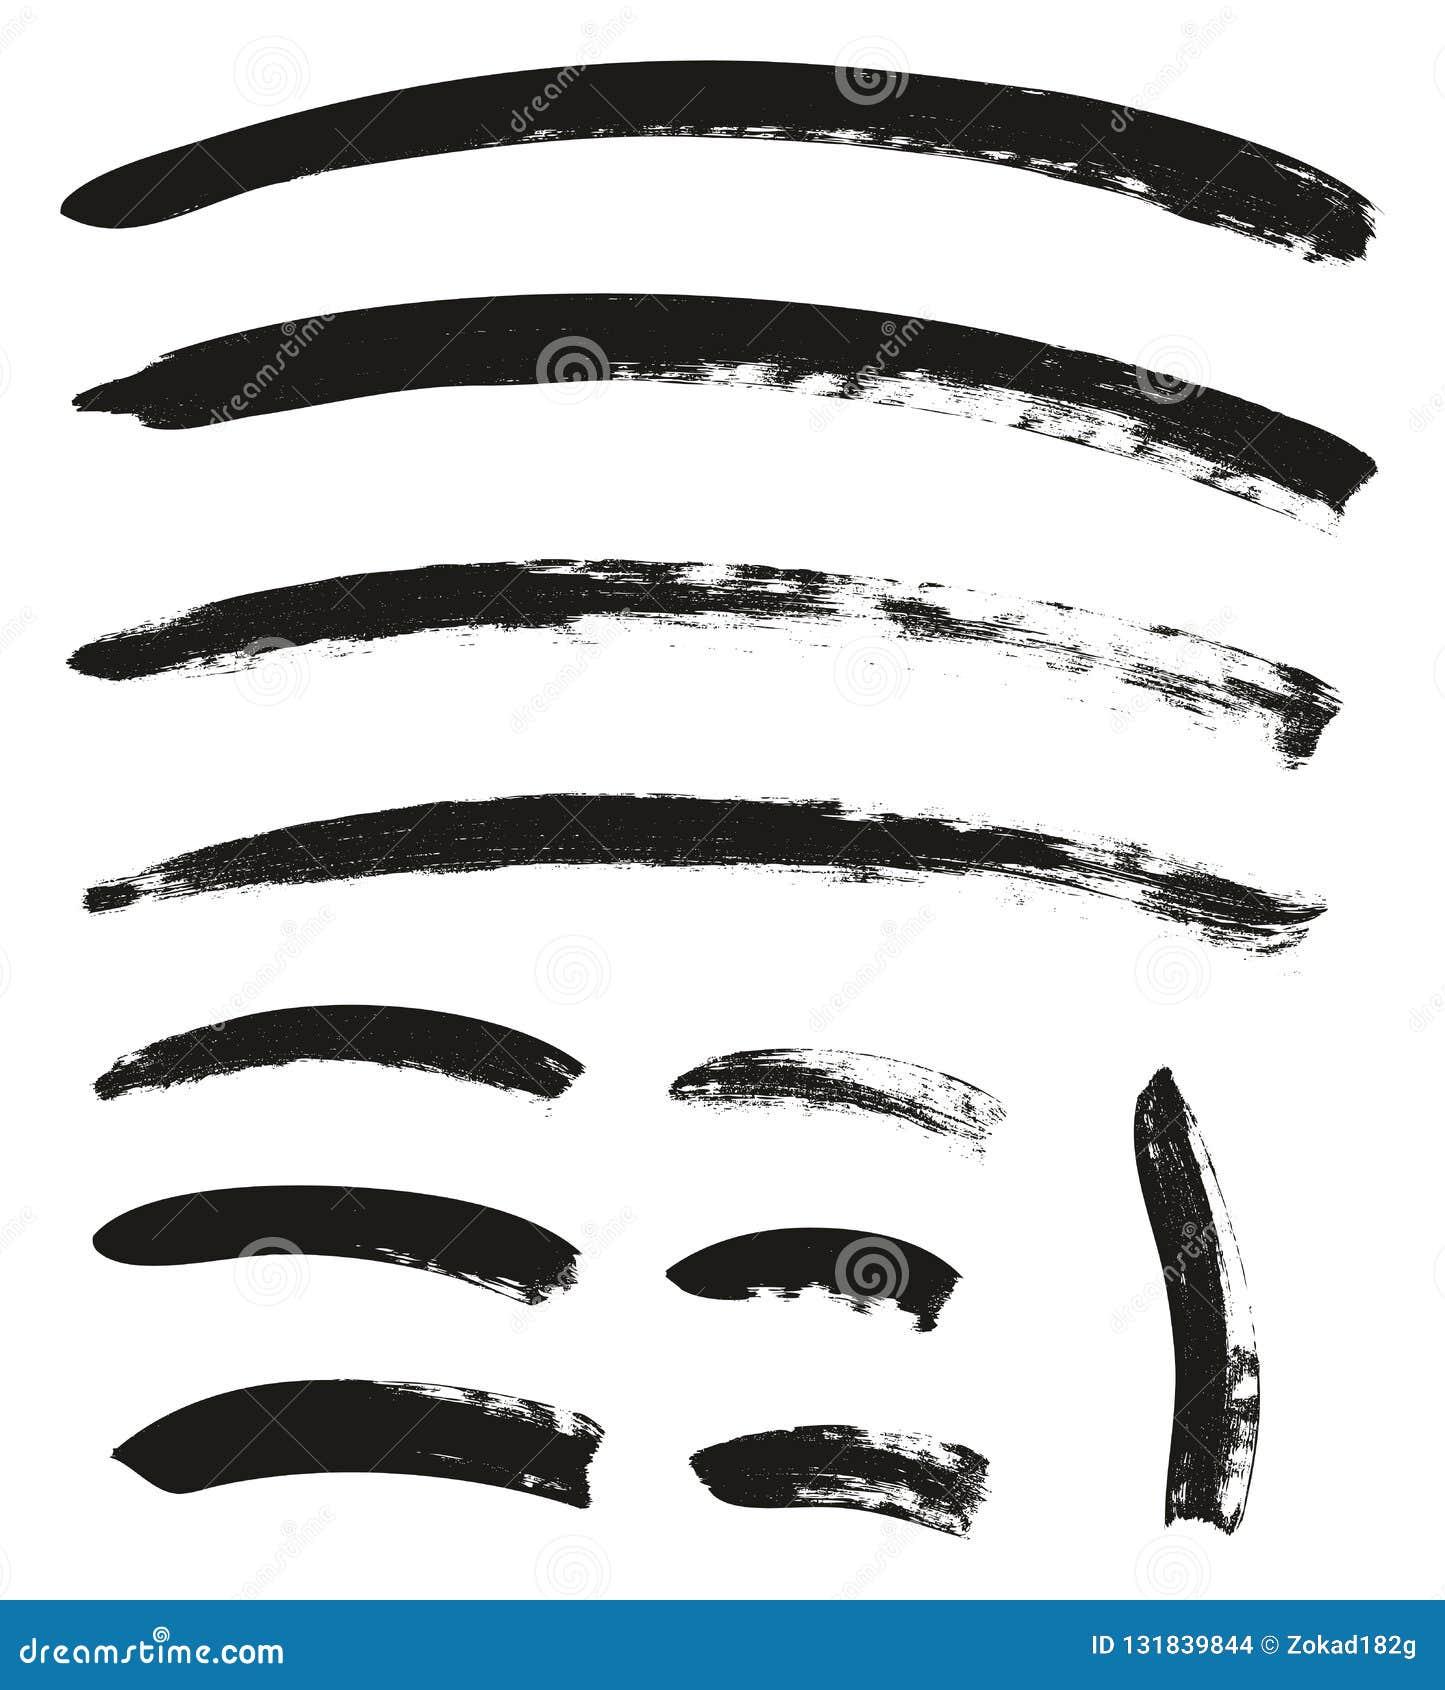 Kalligraphie-Pinsel-gekrümmte Linien führen hoch abstrakten Vektor-Hintergrund einstellten 108 einzeln auf